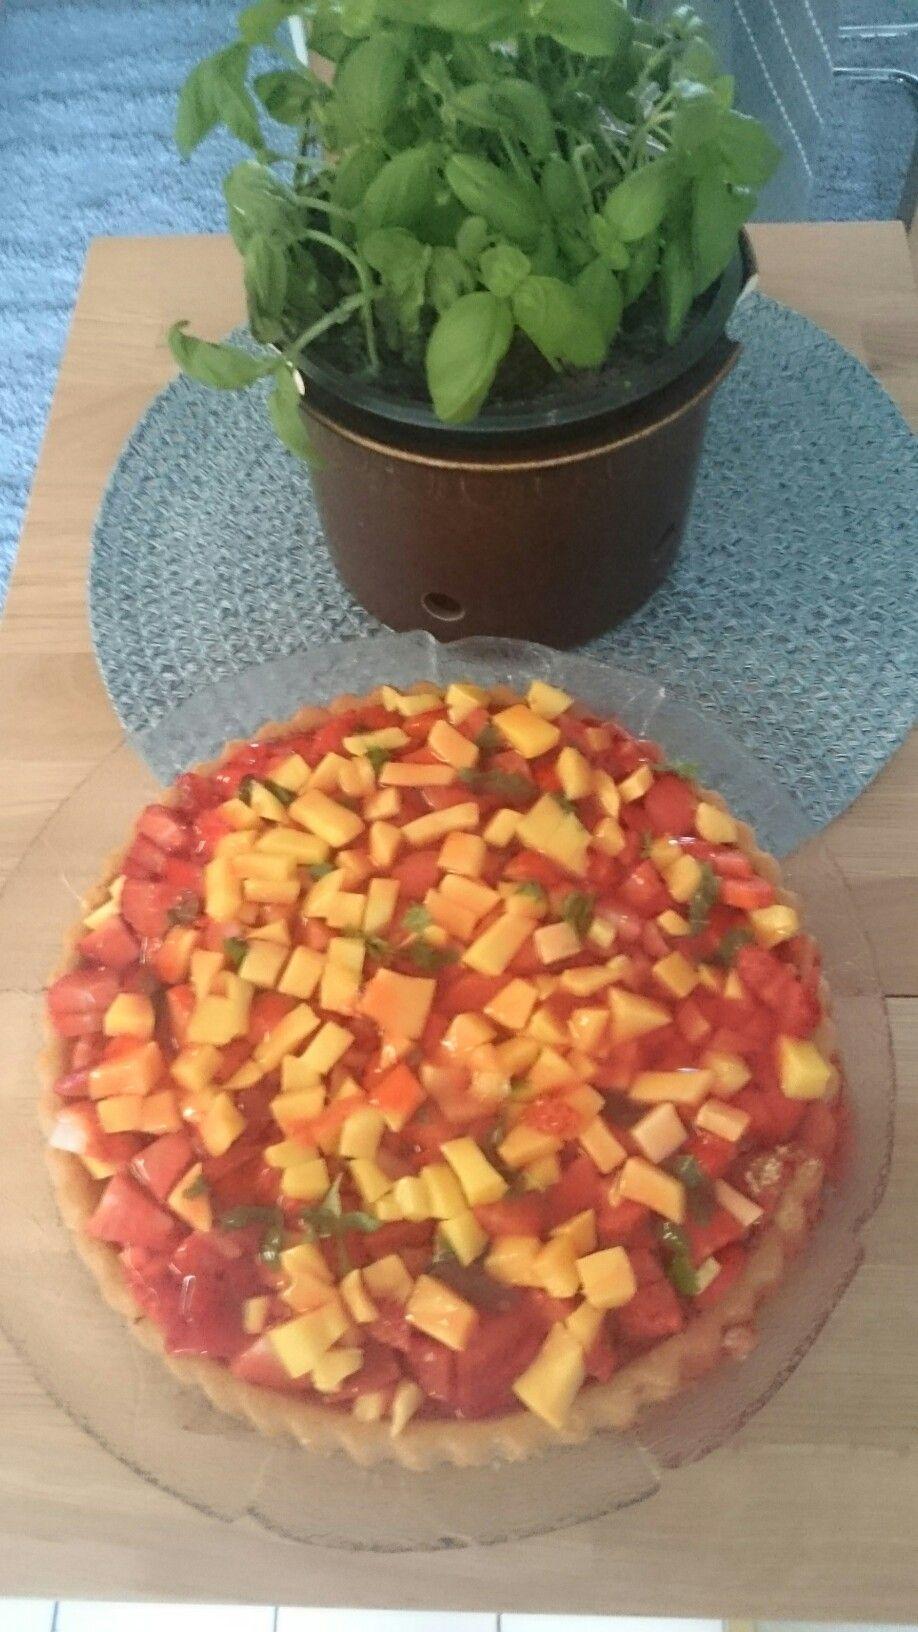 Erdbeer- Mango-Tortenboden  500g Erdbeeren,3/4 Mango in Würfel schneiden,  Tortenboden von Lieken( ideal für saftige Früchte), damit belegen Zitronenmelisse hacken,drüber streuen.  Tortenguss(Erdbeer) kochen daruber geben - fertig